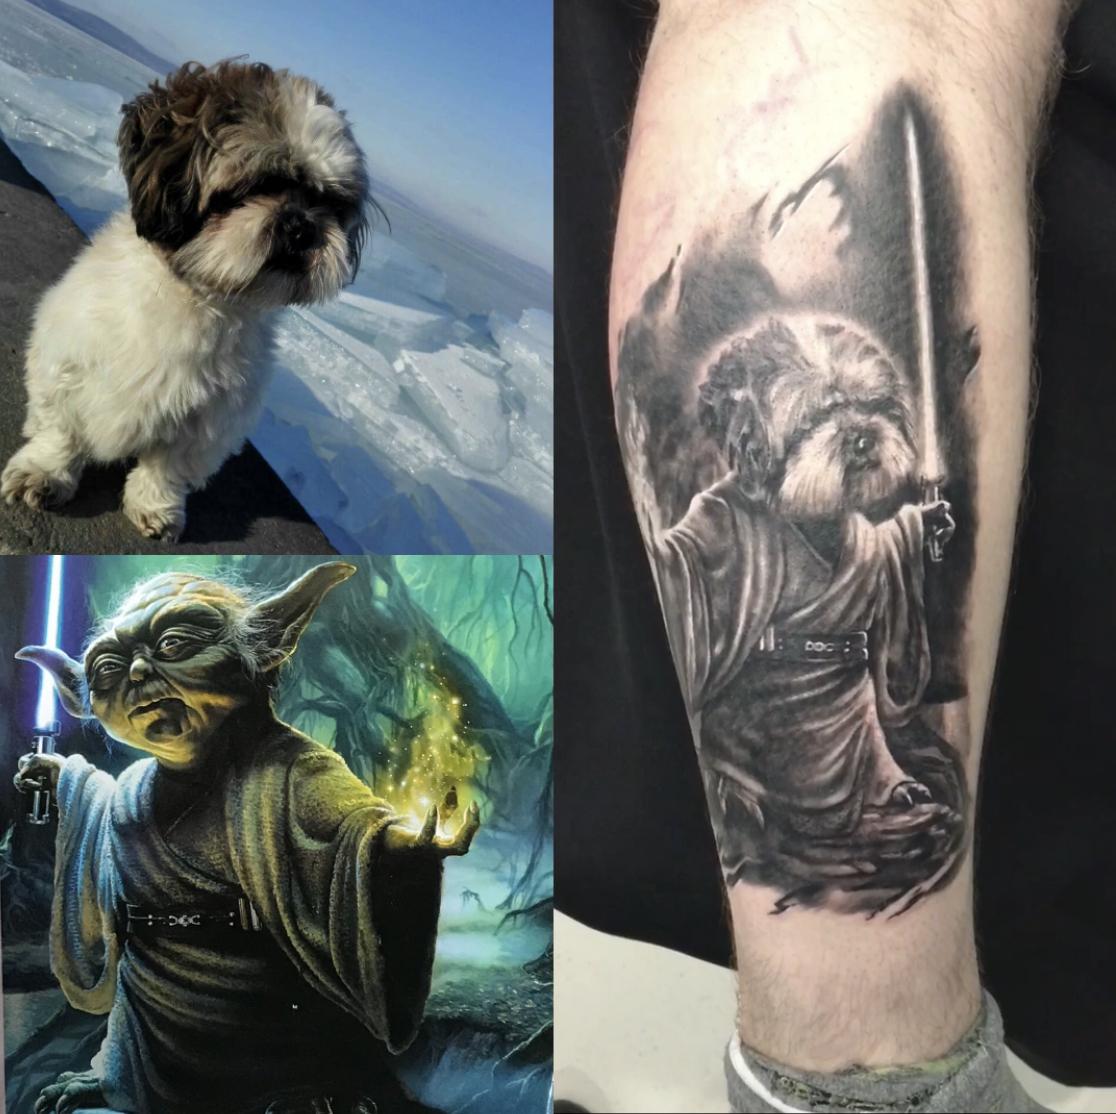 Yodog  / Csaba,  Yoda,  Star Wars,  and a little dog